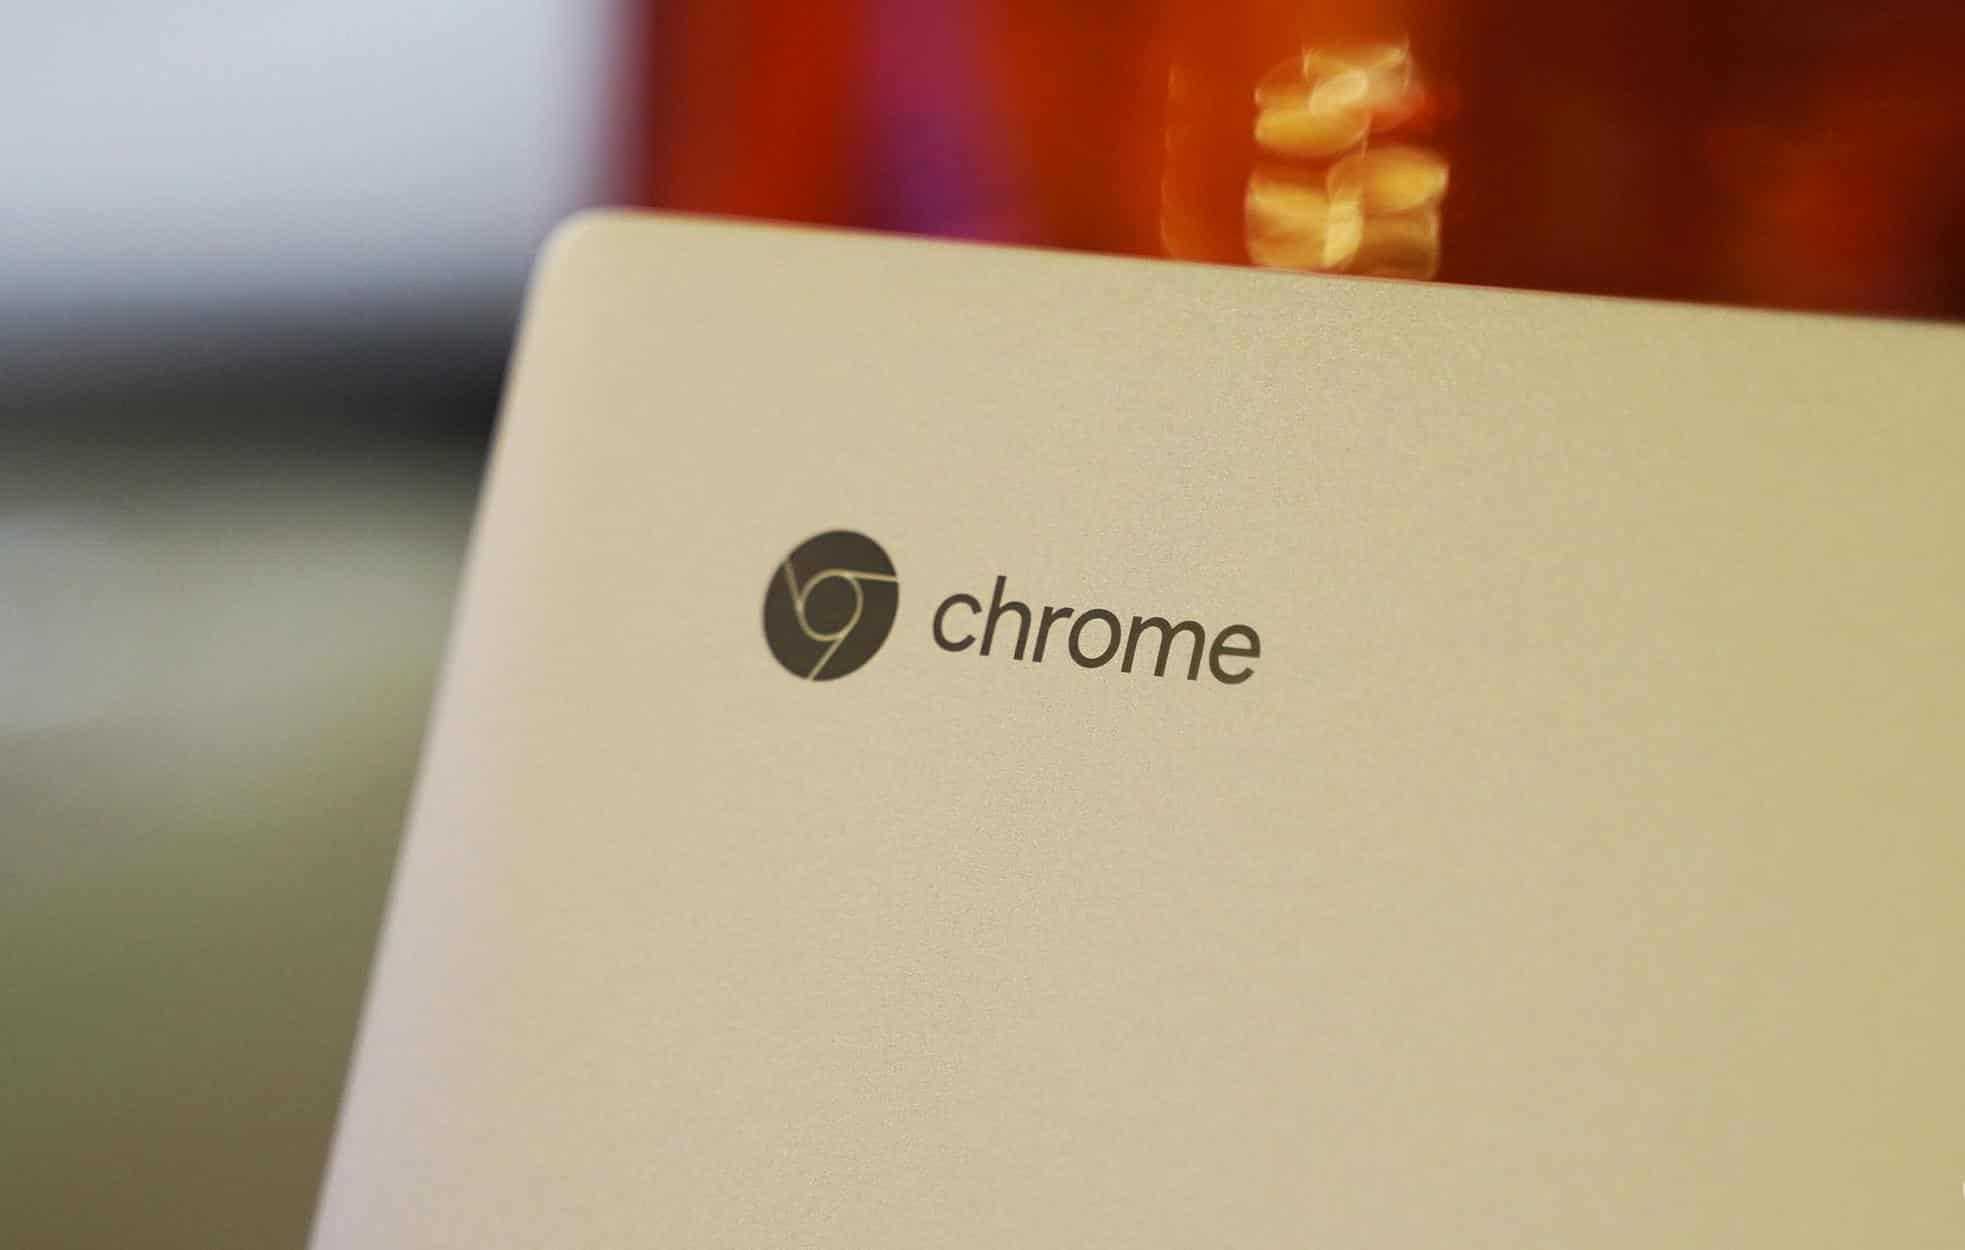 Chrome OS 81 mistura gestos do iPad e Android 10 no modo tablet